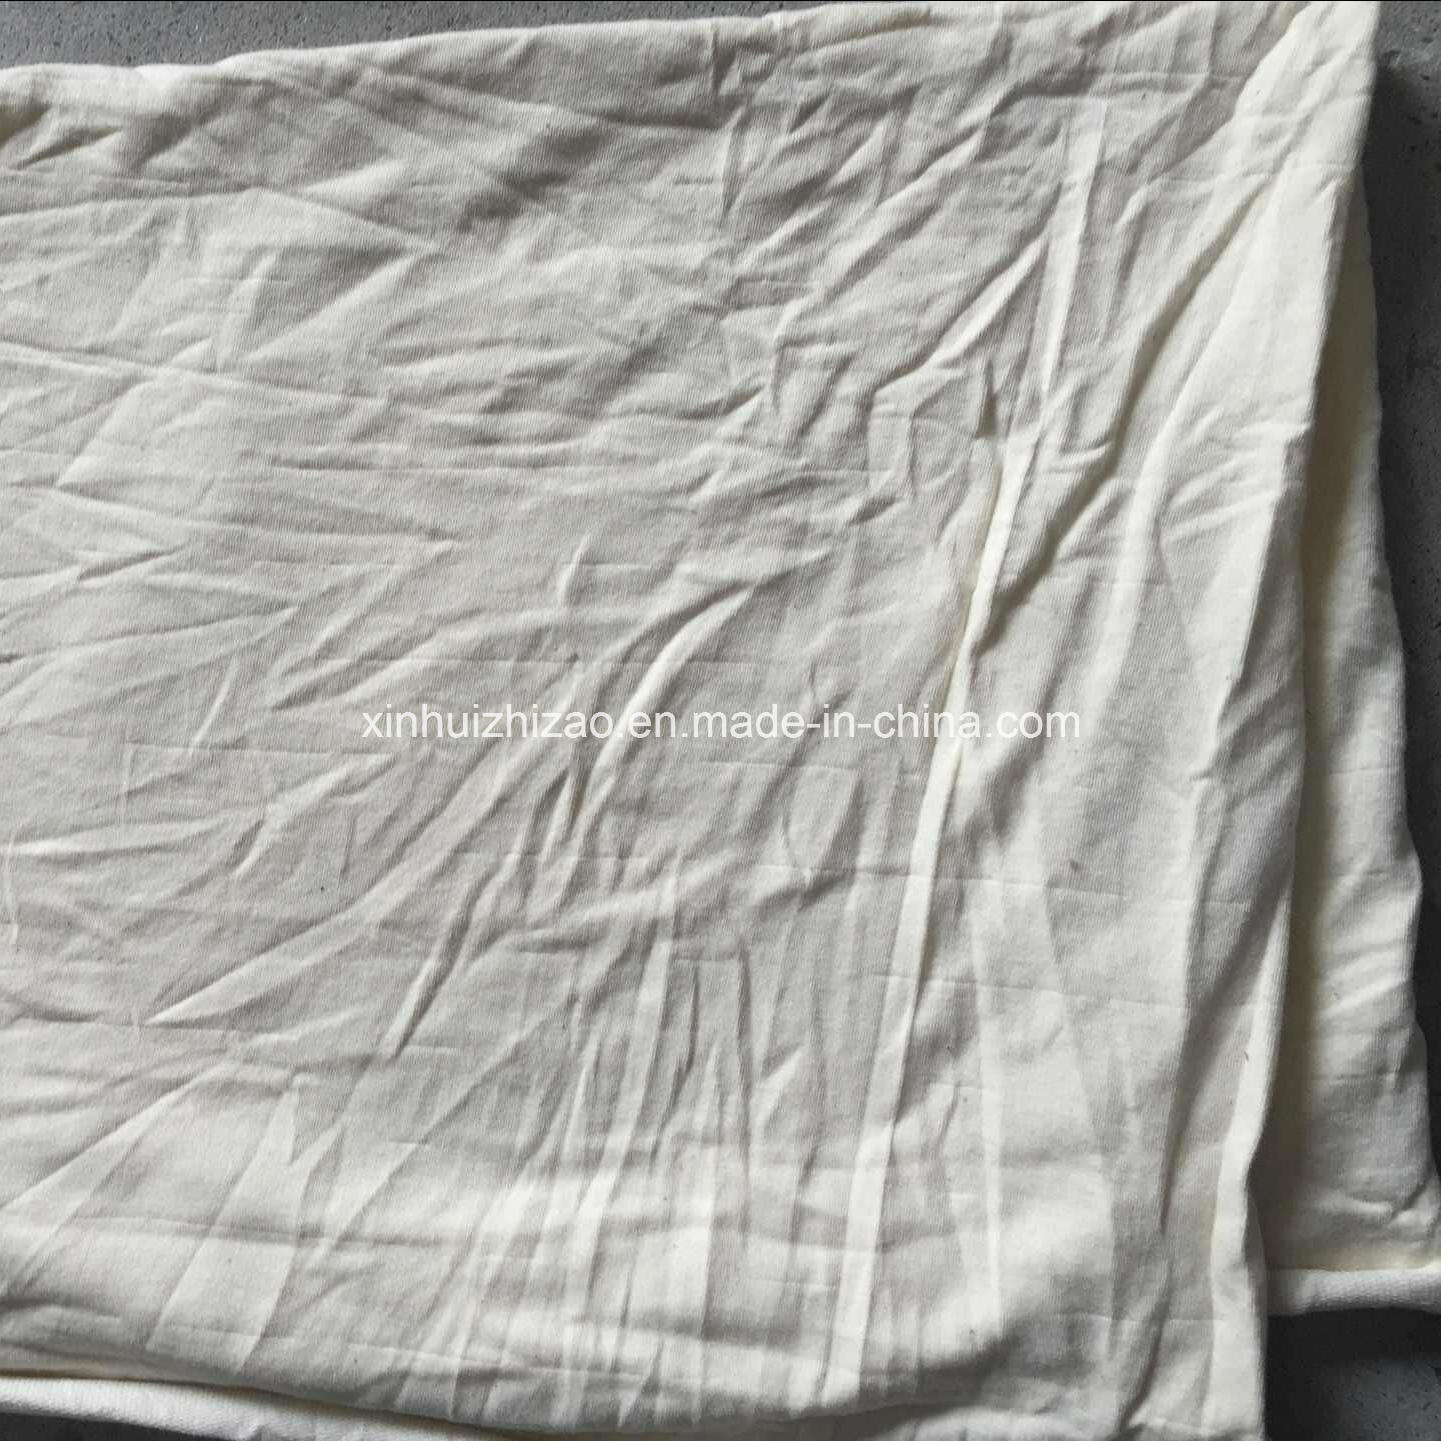 100% Cotton Wiper Rags